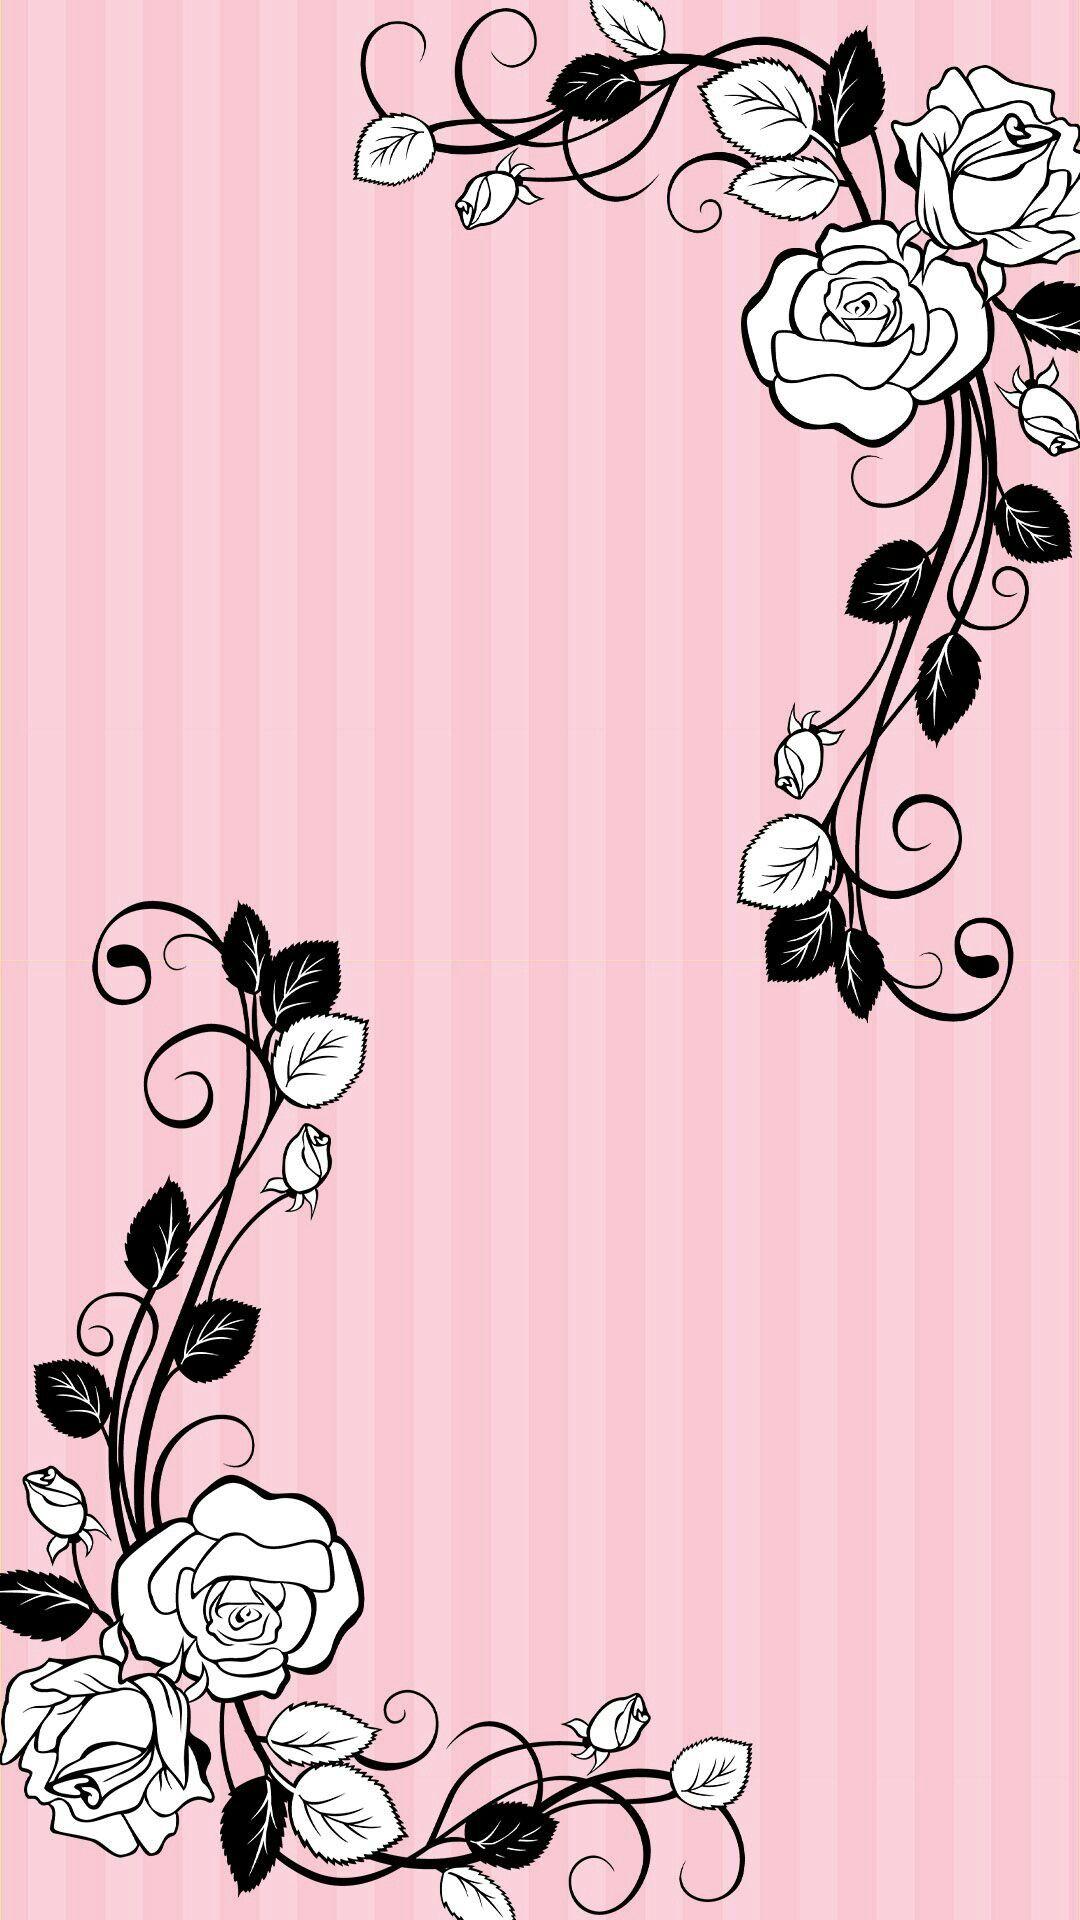 Fantastic Wallpaper Home Screen Hello Kitty - 5a517fd4507bd0d30e97c73a9a961d5a  2018_332942.jpg